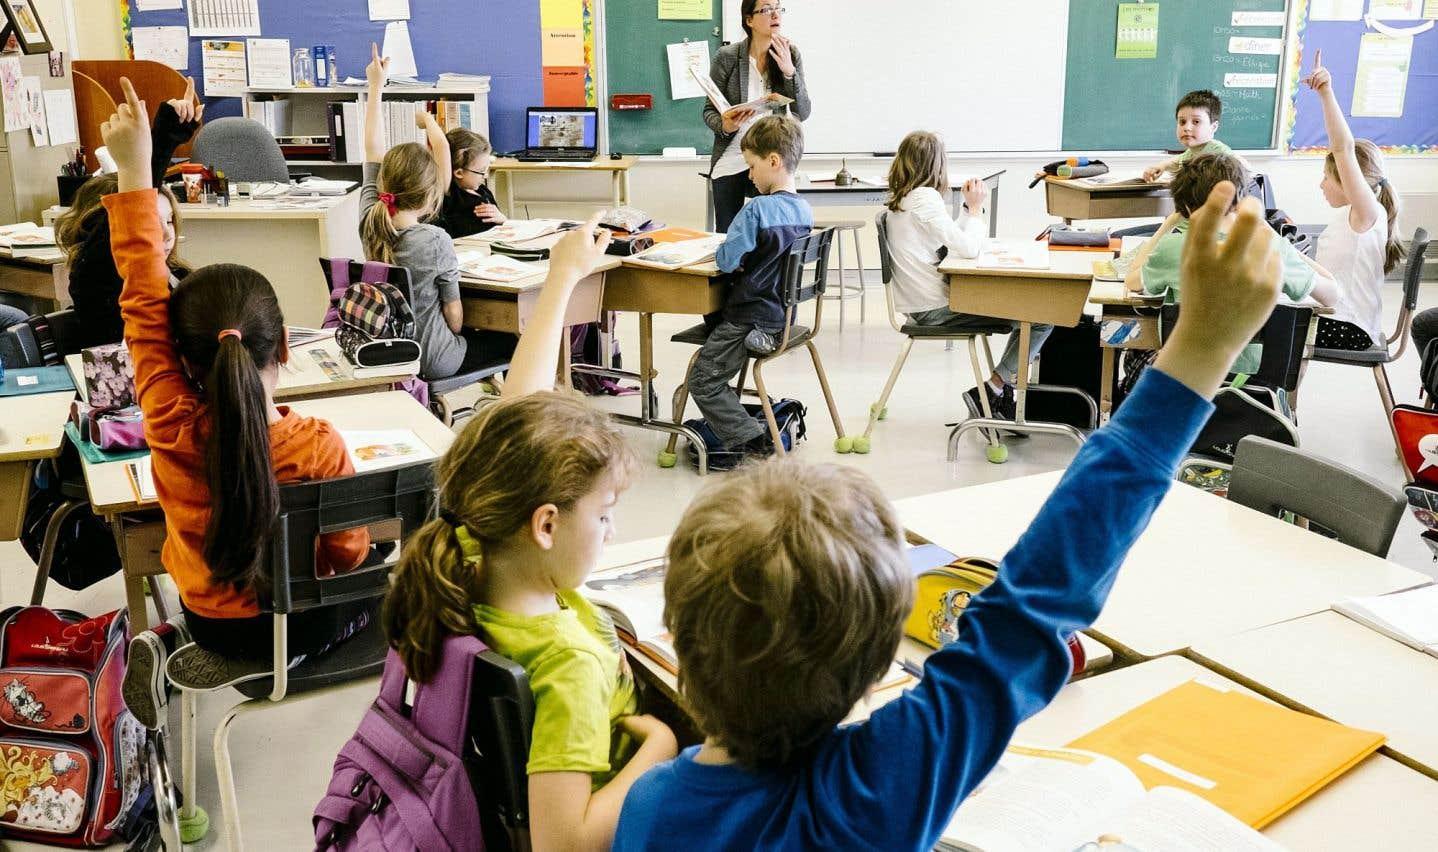 Ce qu'une école démocratique doit accomplir, c'est de permettre aux élèves d'avoir la capacité de comprendre d'où vient la richesse qu'ils consomment tous les jours.